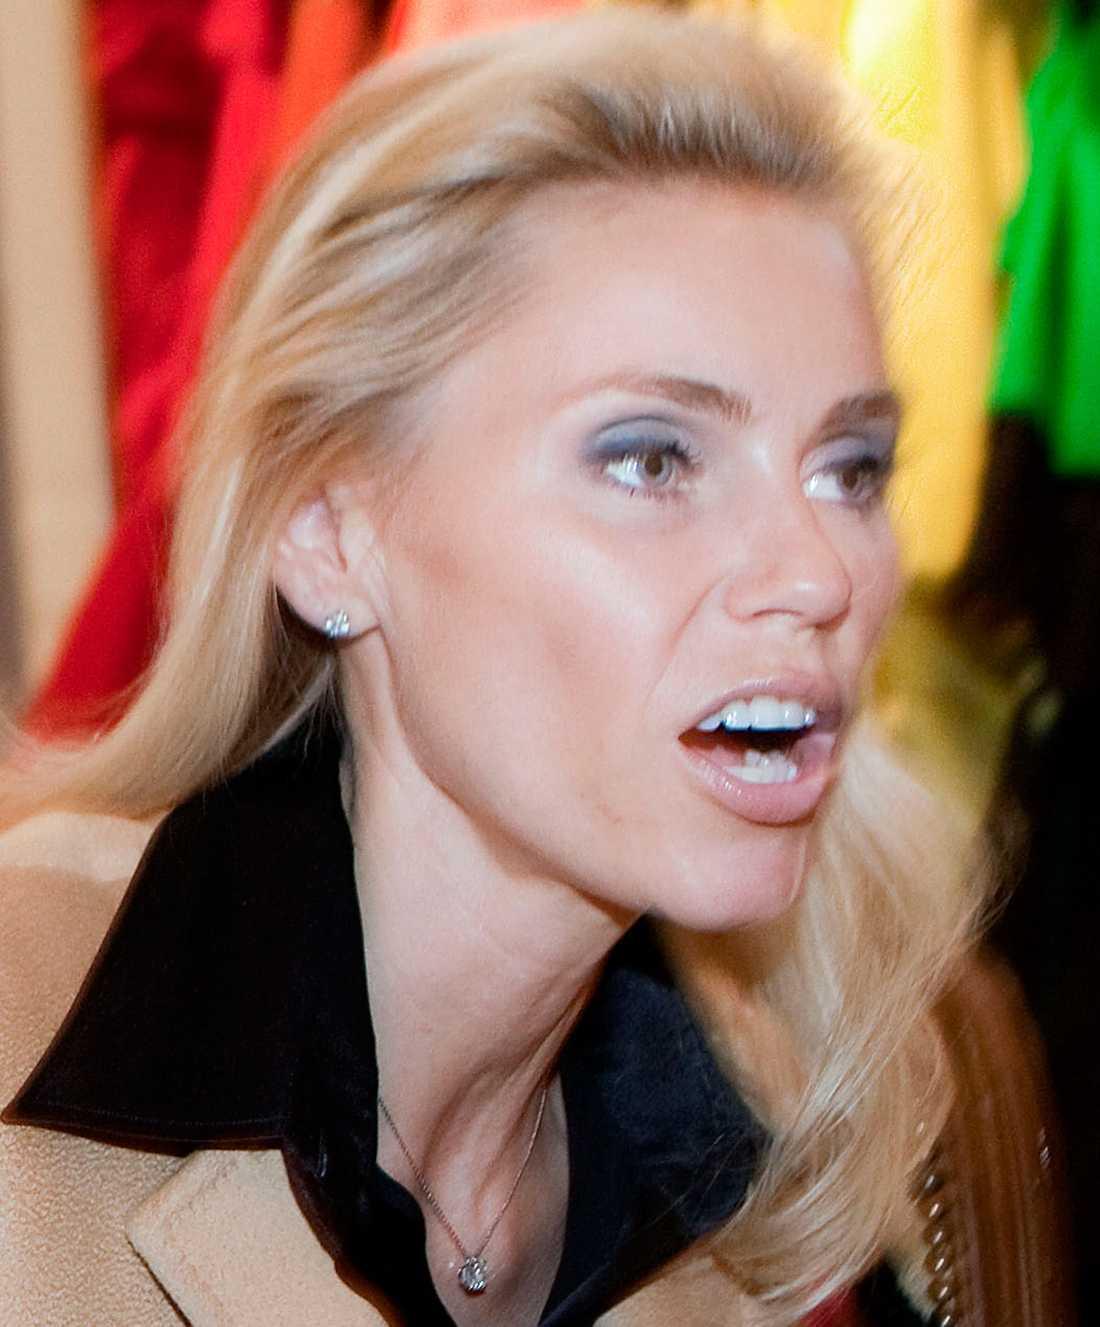 Anna Anka hävdade att skilsmässouppgörelsen var falsk.